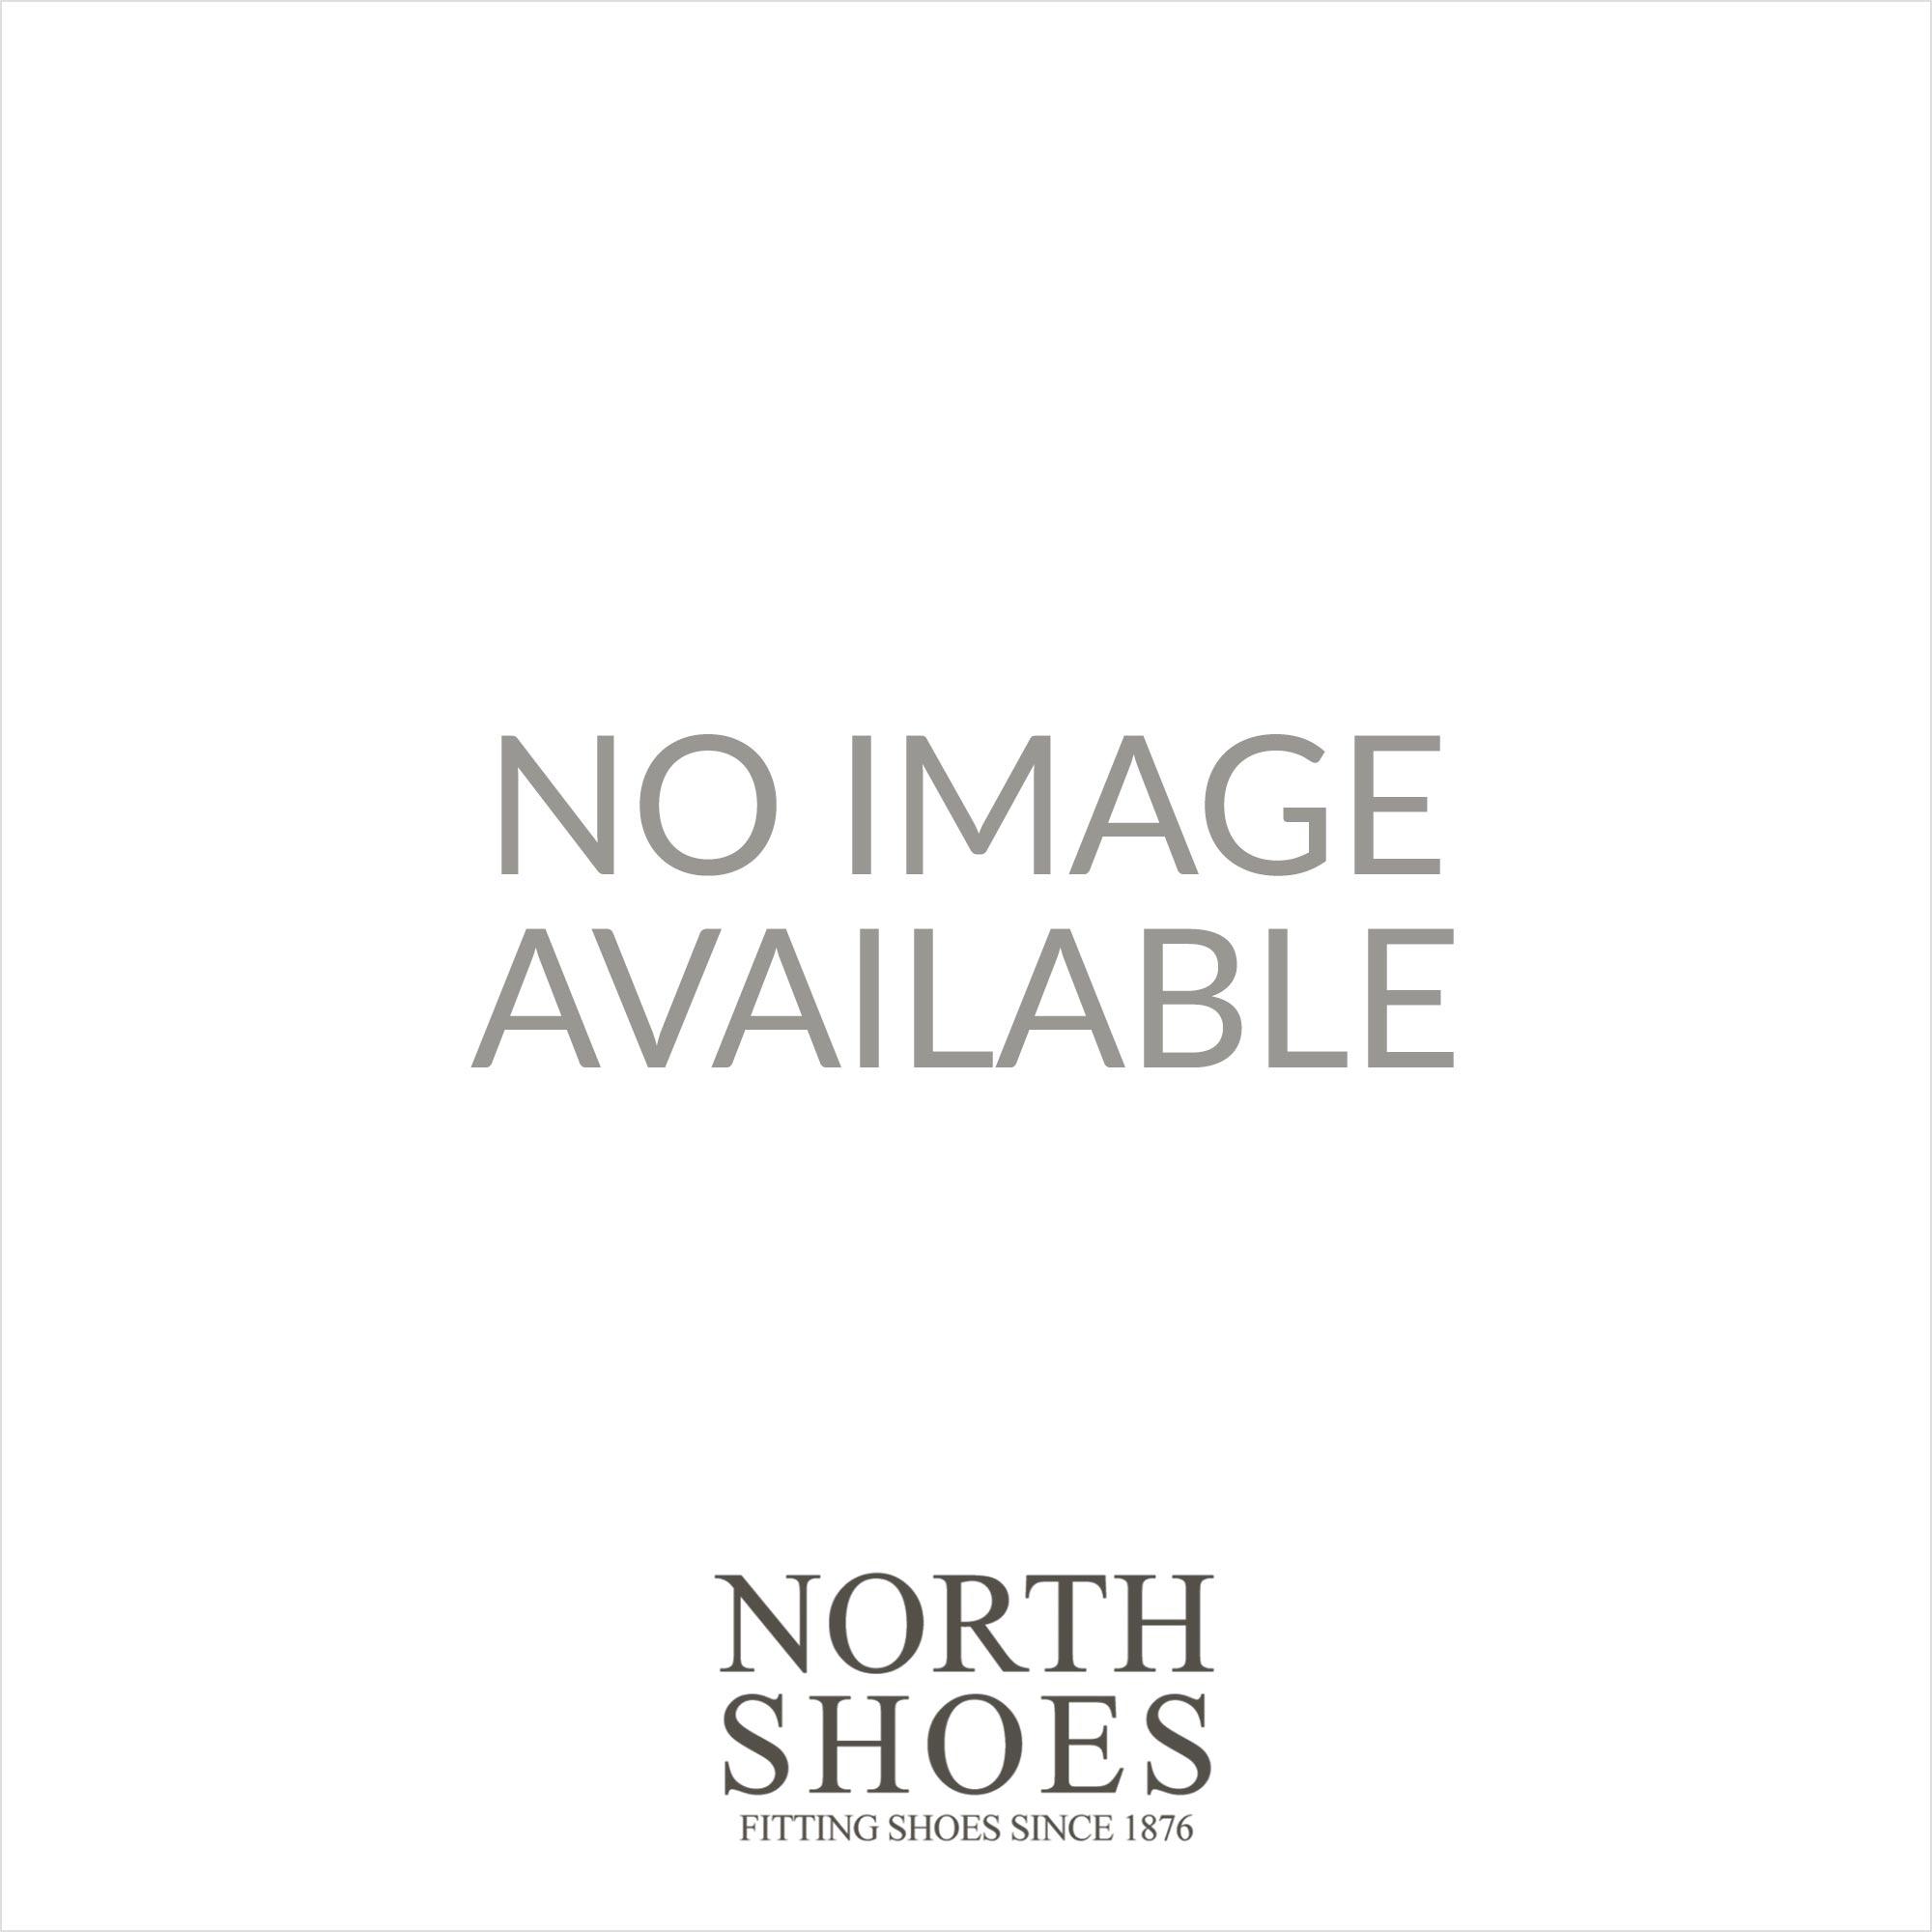 ea38ceba Un Haven Cove White Leather Womens T Bar Shoes